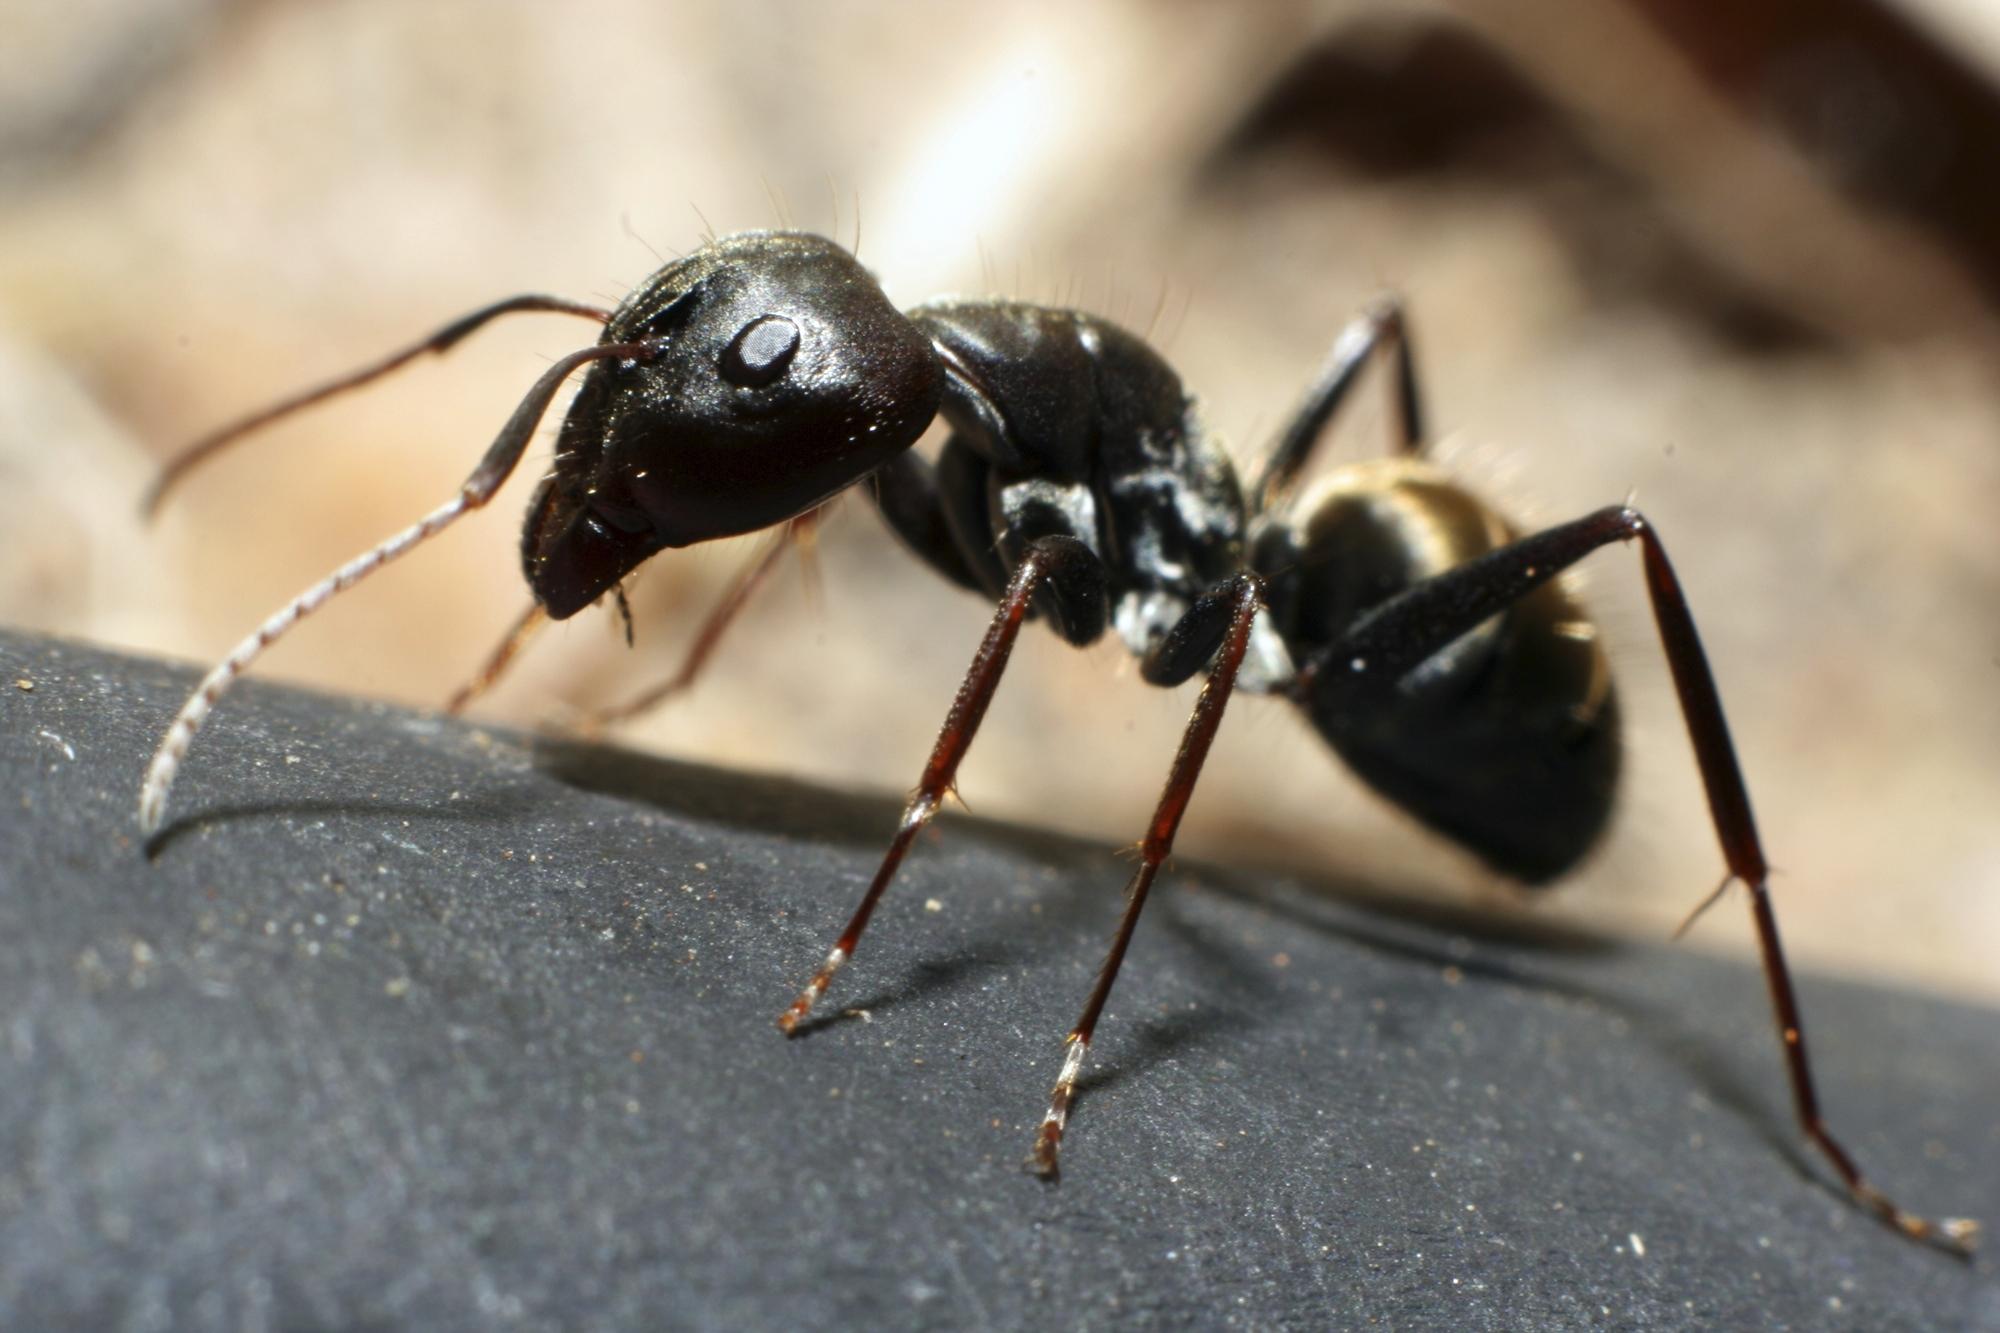 Red garden ant photo